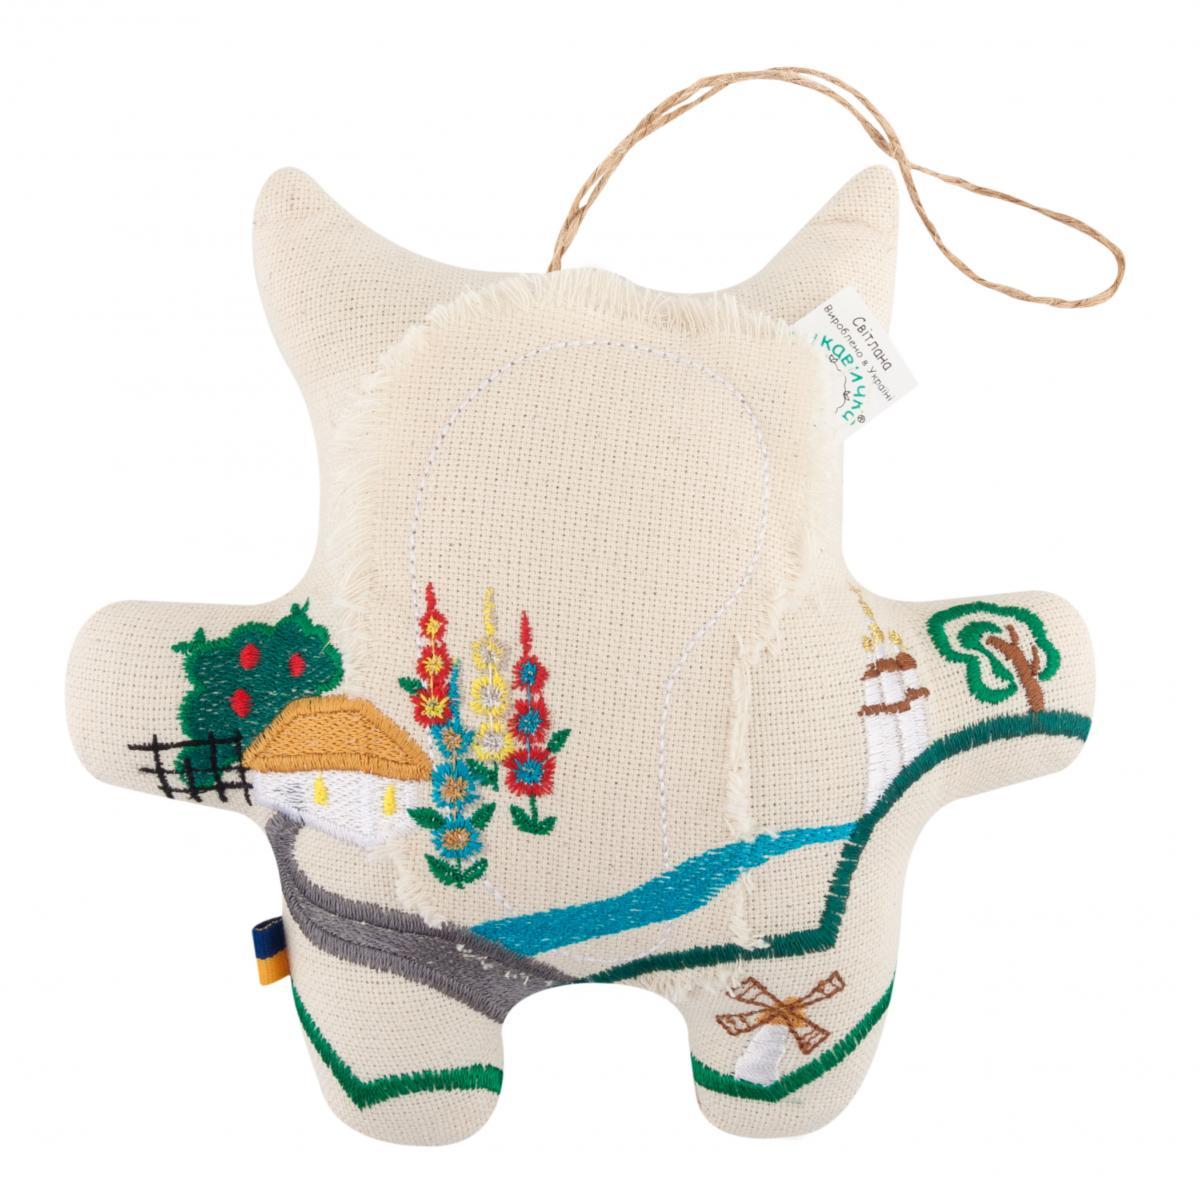 Игрушка Кот с вышивкой. Фото №2. | Народный дом Украина